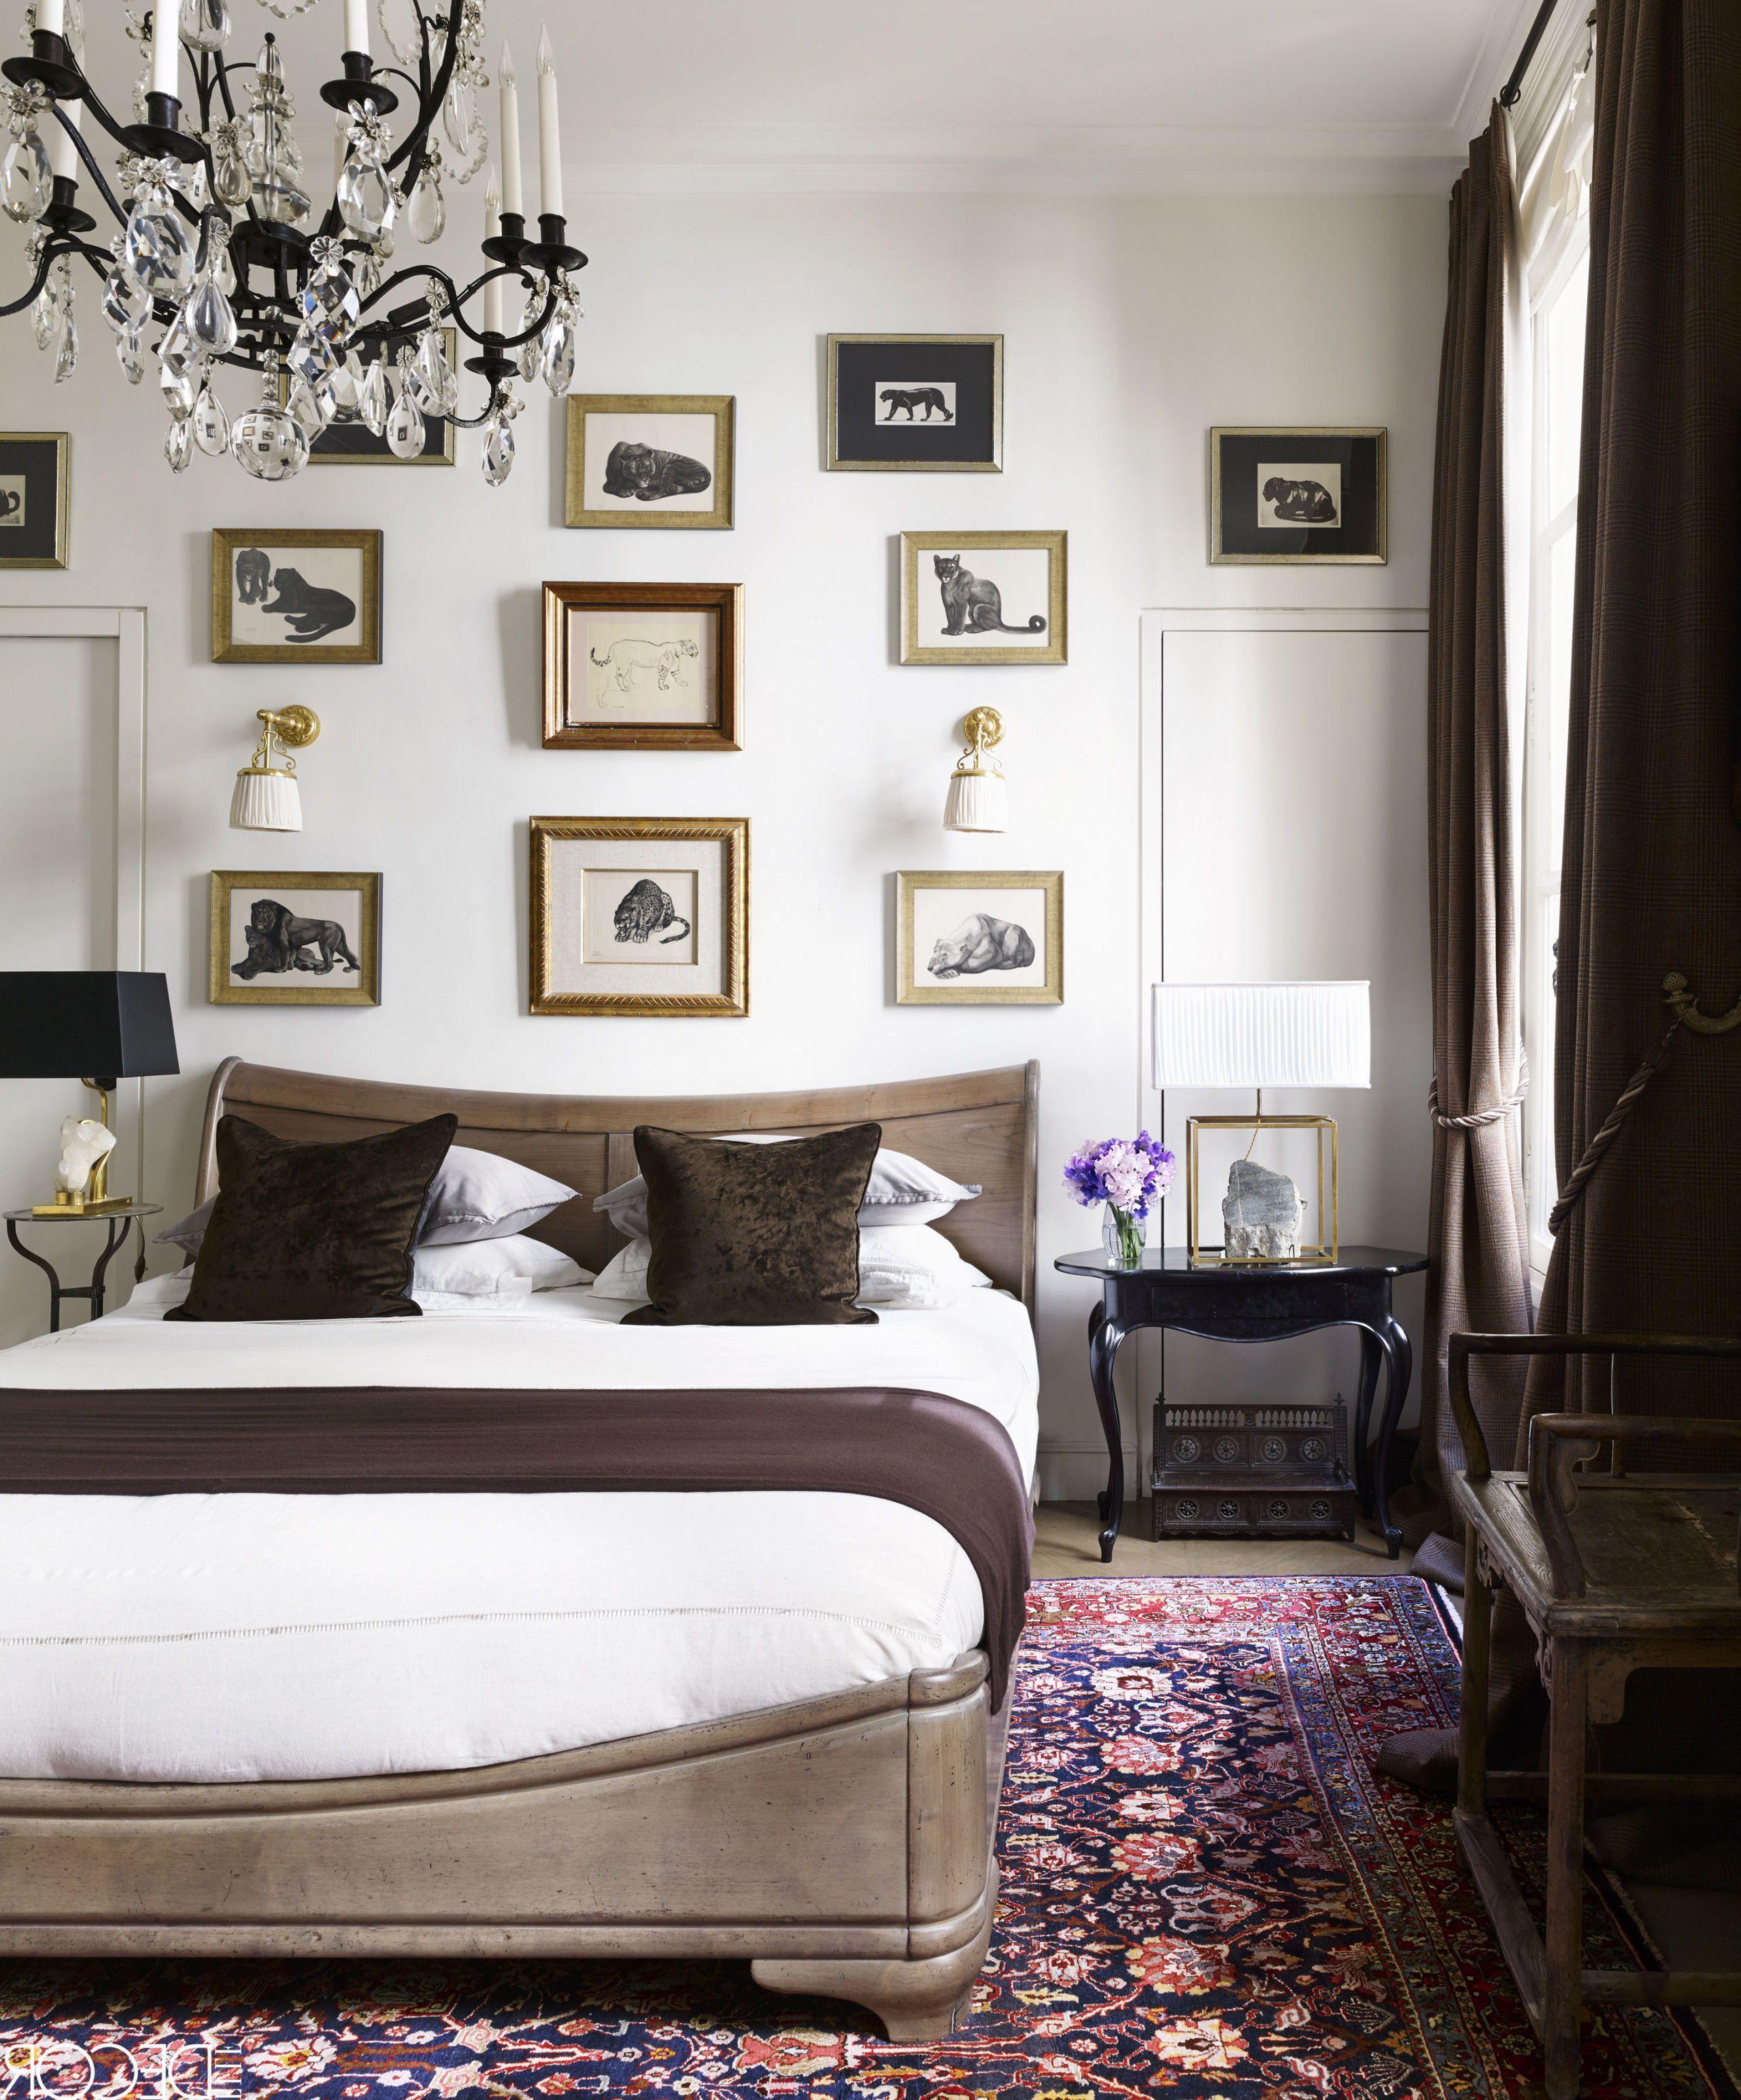 Klassische Deko für Schlafzimmer mit weißen Wänden und Bilder Akzenten